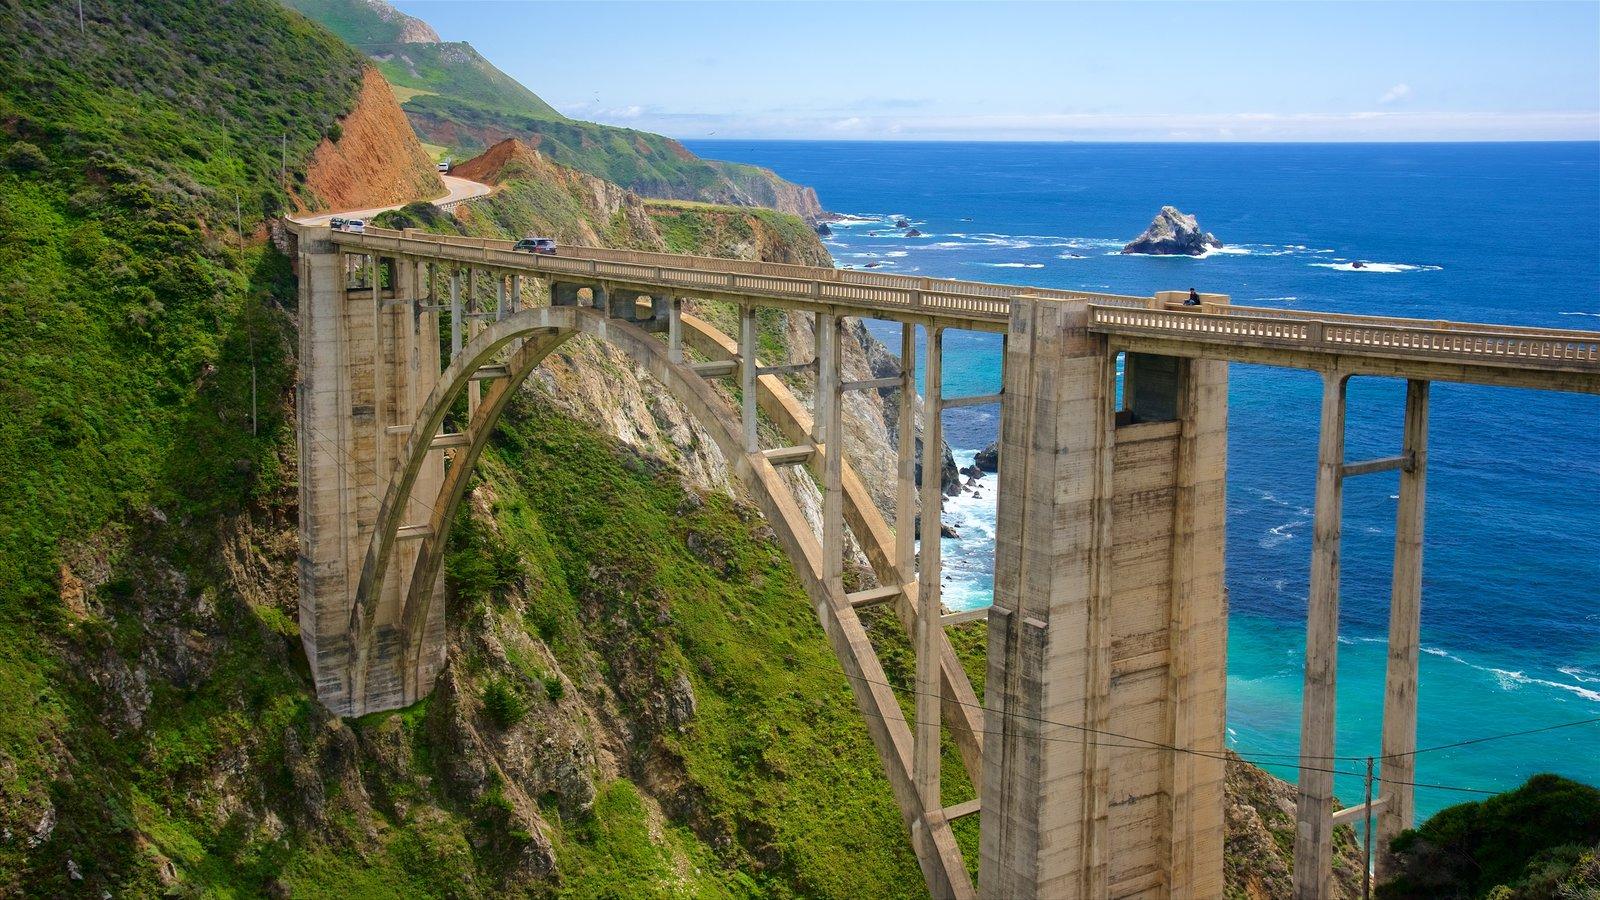 Bixby Bridge mostrando uma ponte, paisagem e paisagens litorâneas